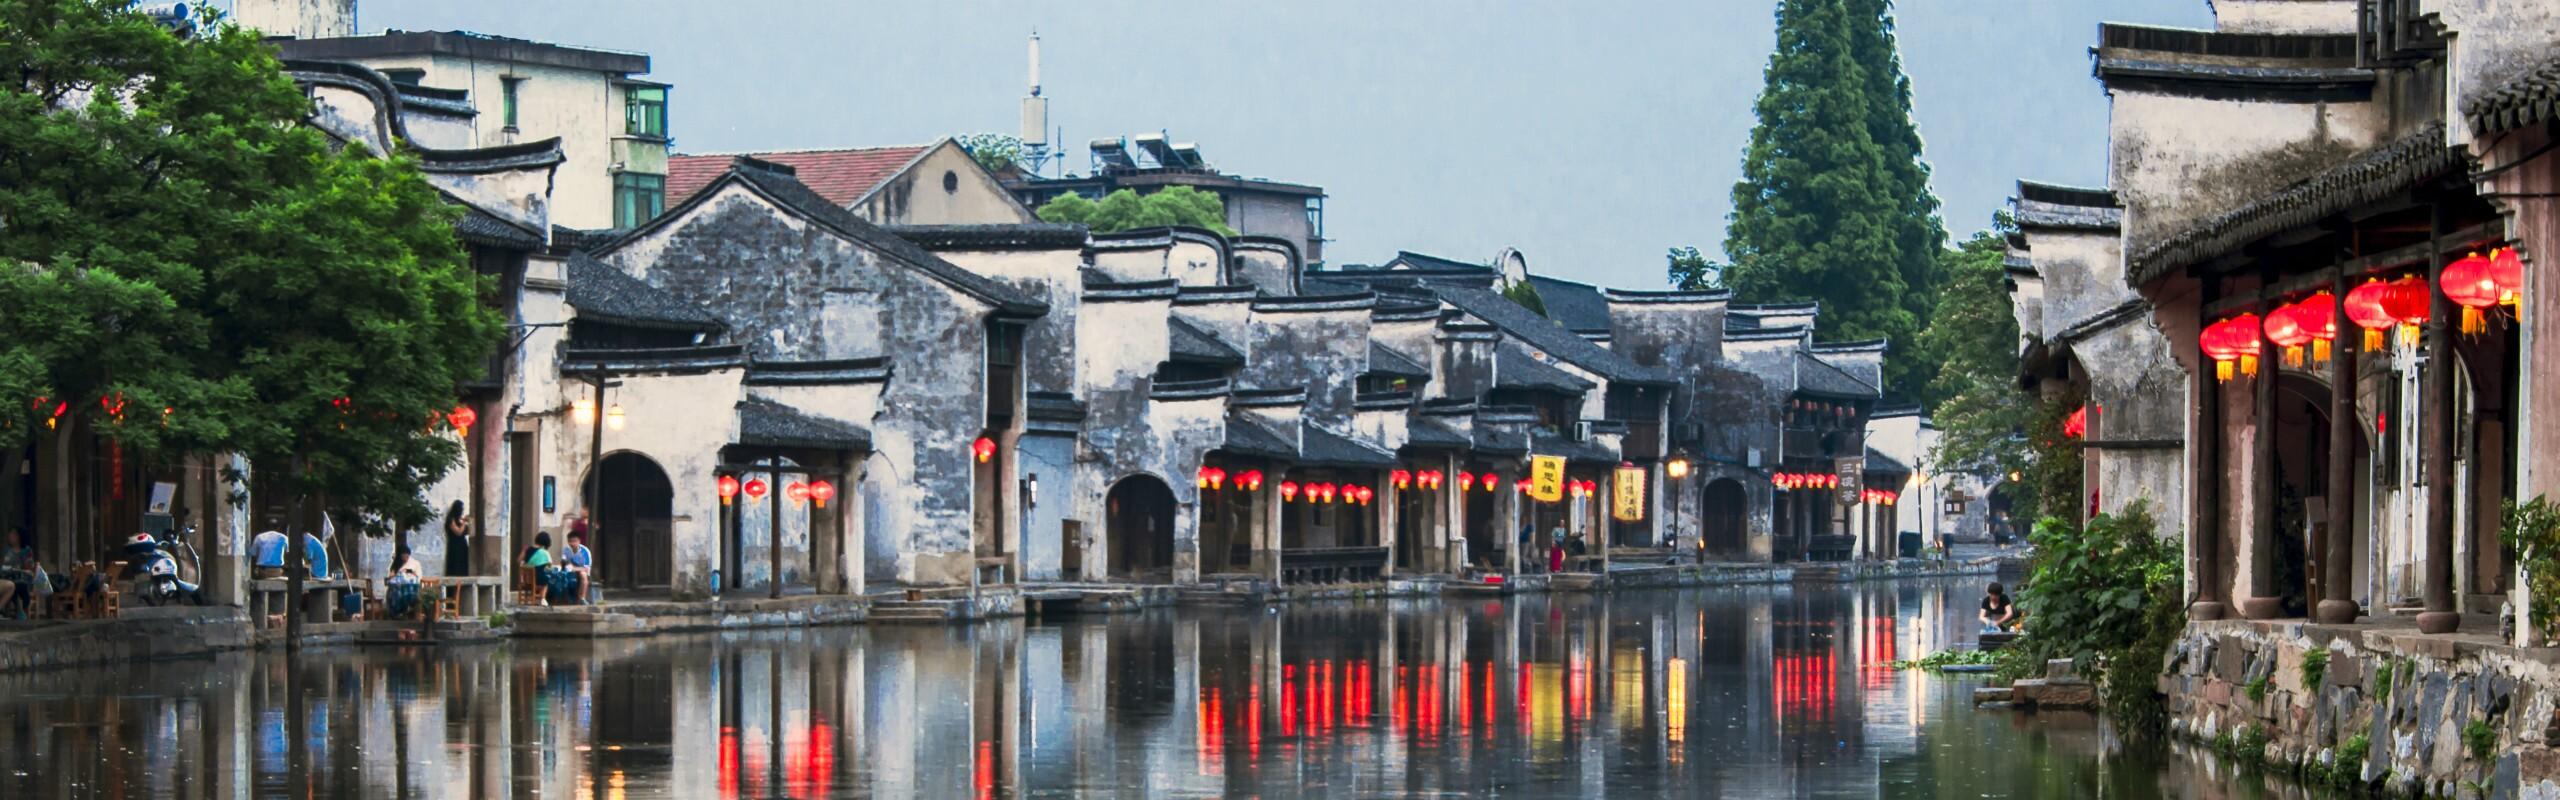 4 Days Shanghai, Hangzhou, and Nanxun Water Town Culture Tour